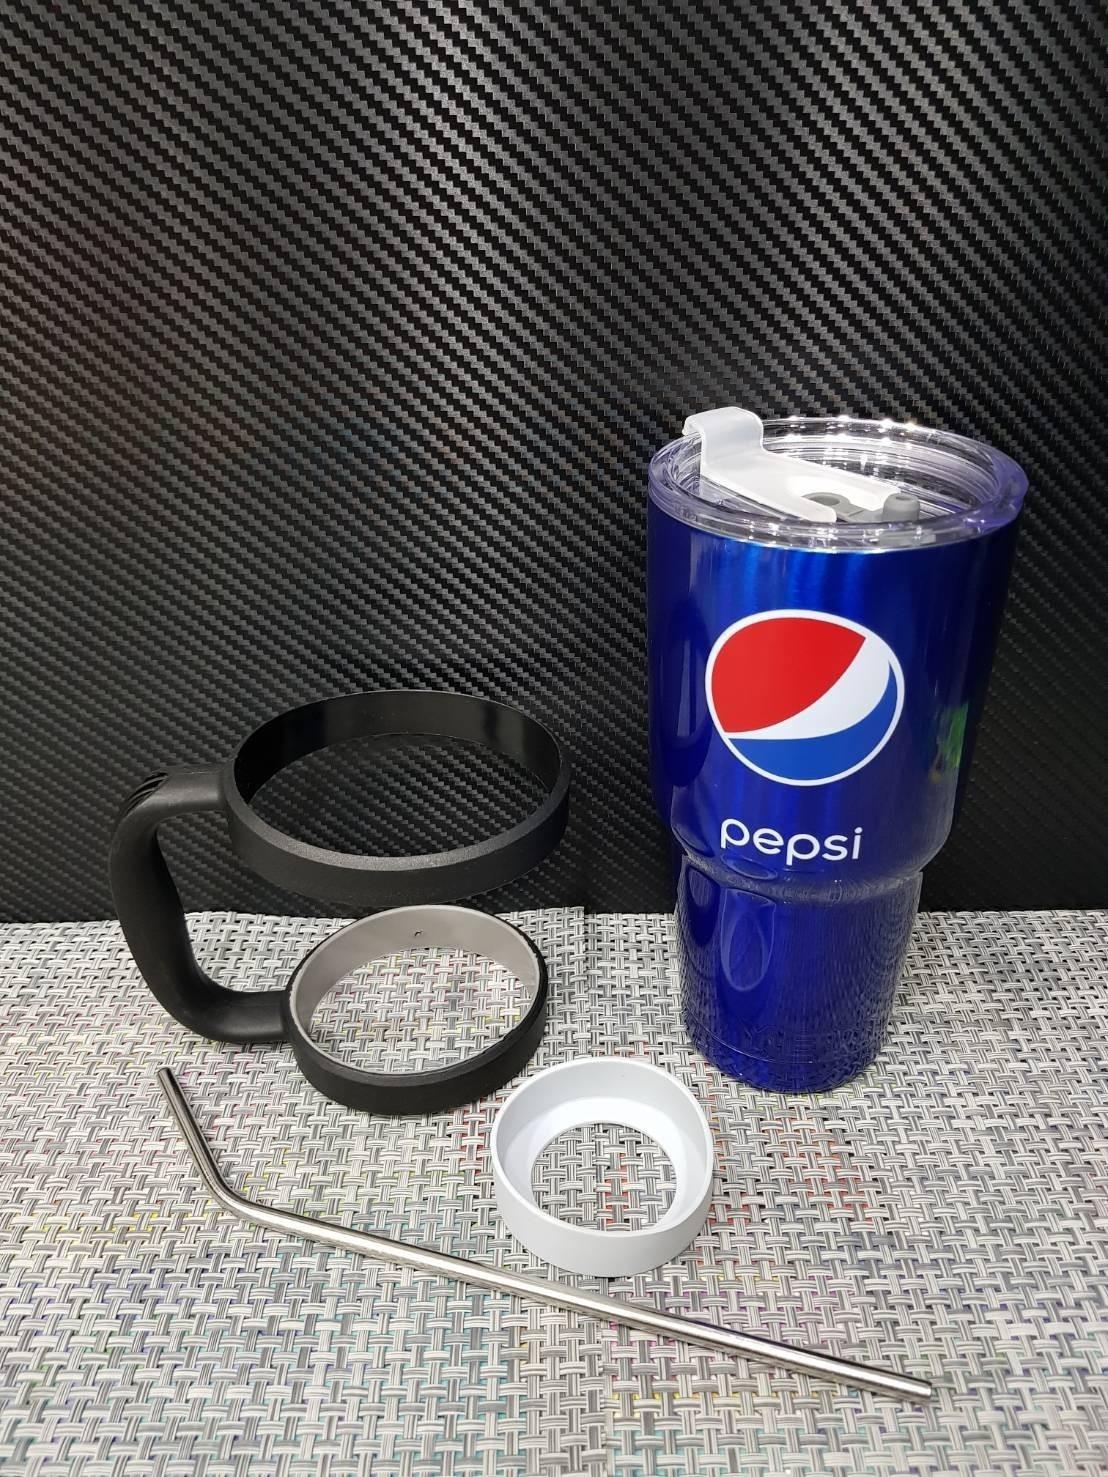 ชุดแก้วเยติ 30 ออนซ์ พื้นสีน้ำเงิน โลโก้ pepsi